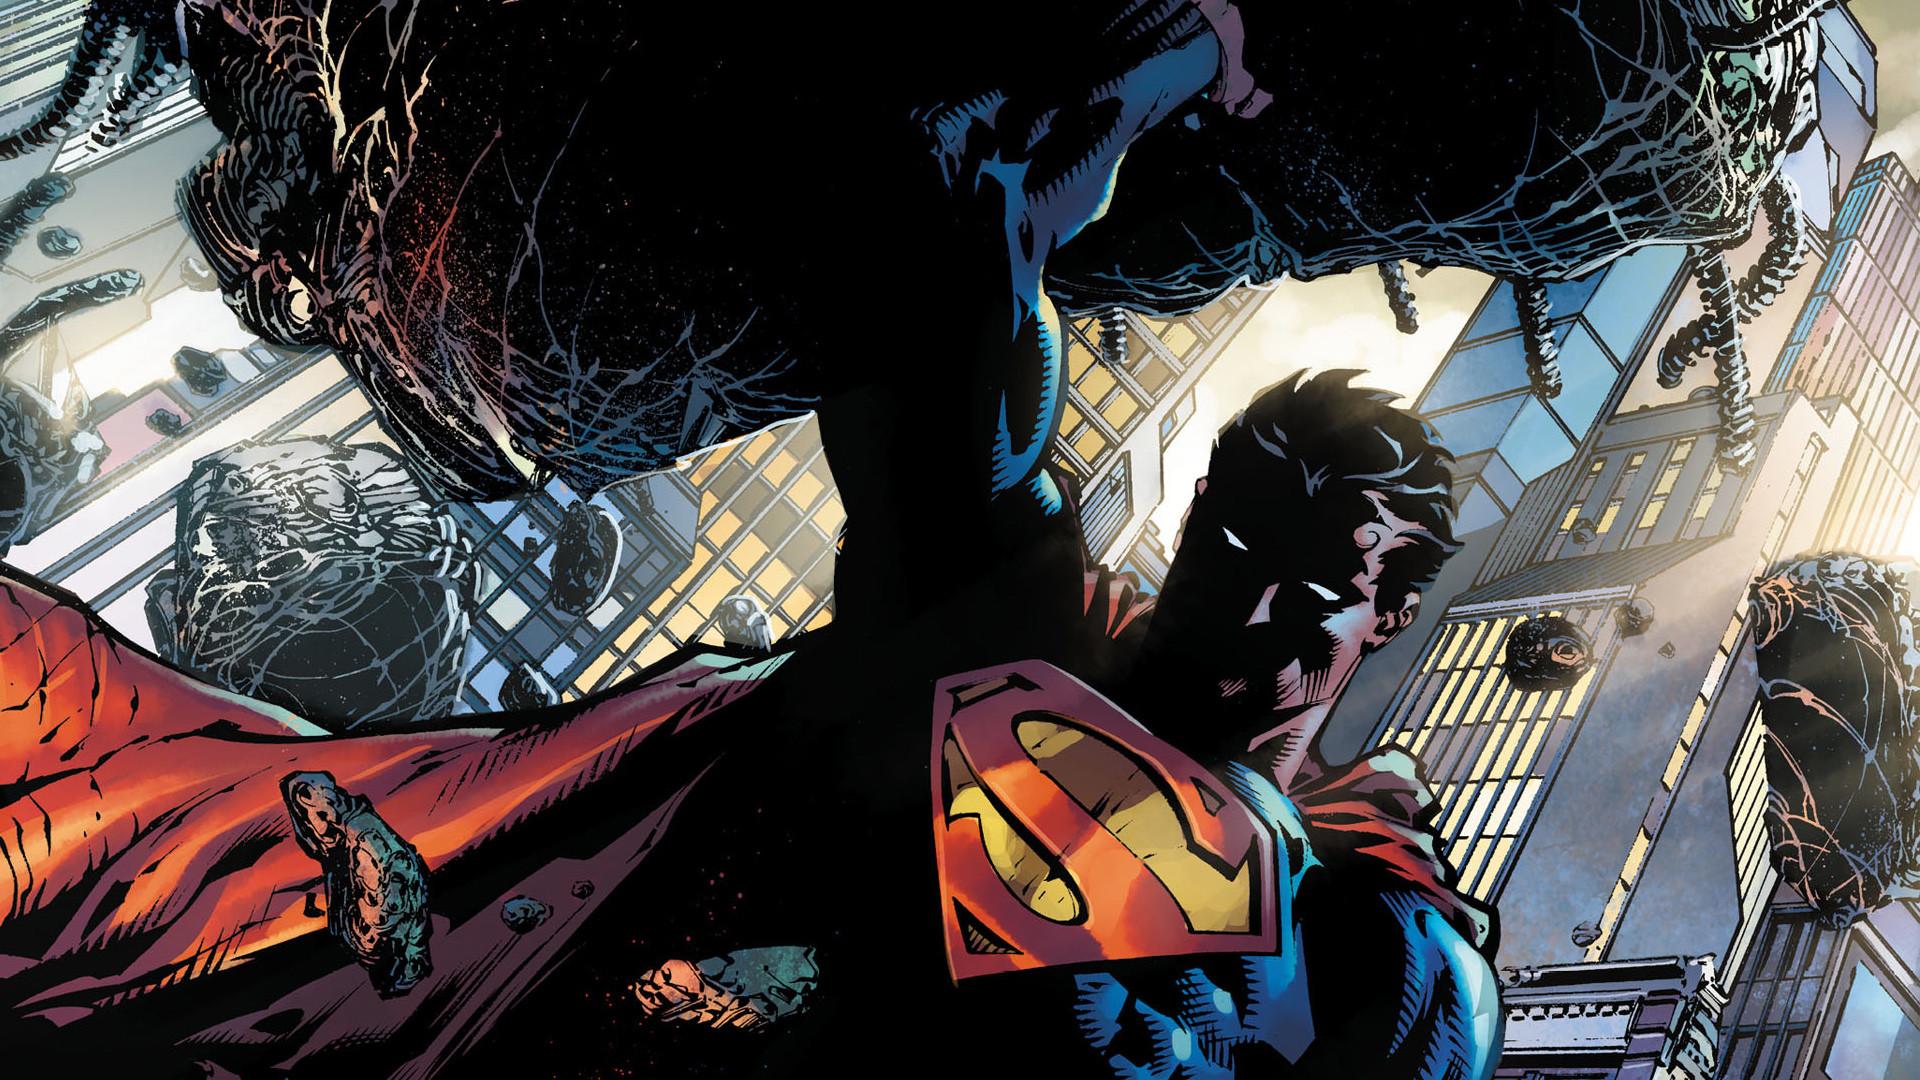 Comic Book Wallpapers | PixelsTalk Net